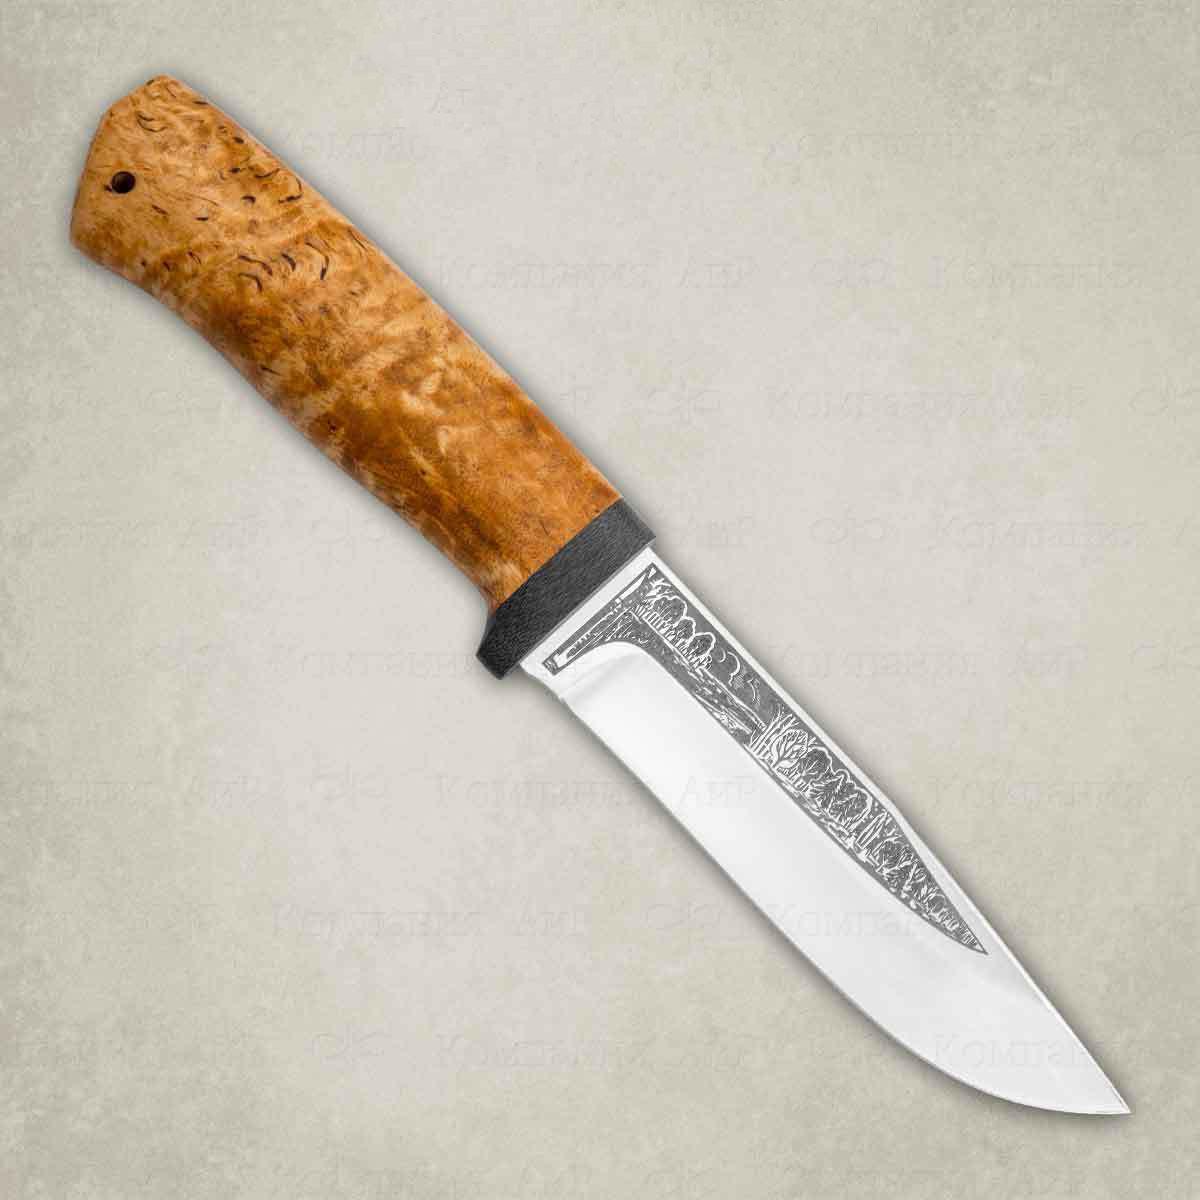 Фото - Нож АиР Турист, сталь ЭП-766, рукоять карельская береза нож разделочный аир финка 3 сталь эп 766 рукоять карельская береза